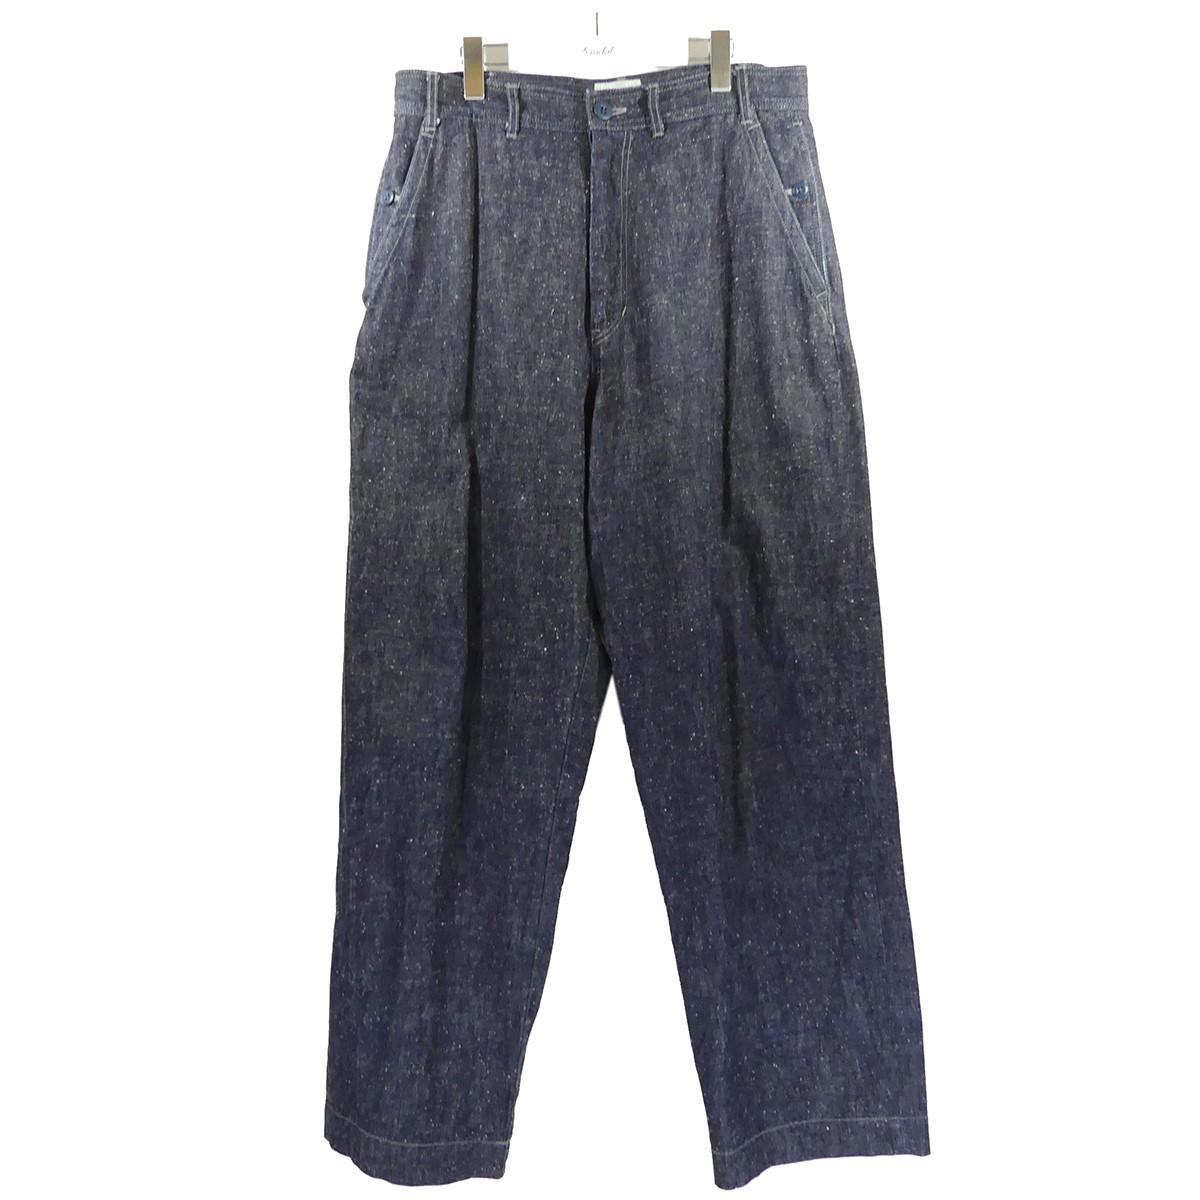 【中古】gourmet jeans FATIGUE INDIGO DENIM デニムパンツ インディゴ サイズ:3 【160720】(グルメジーンズ)